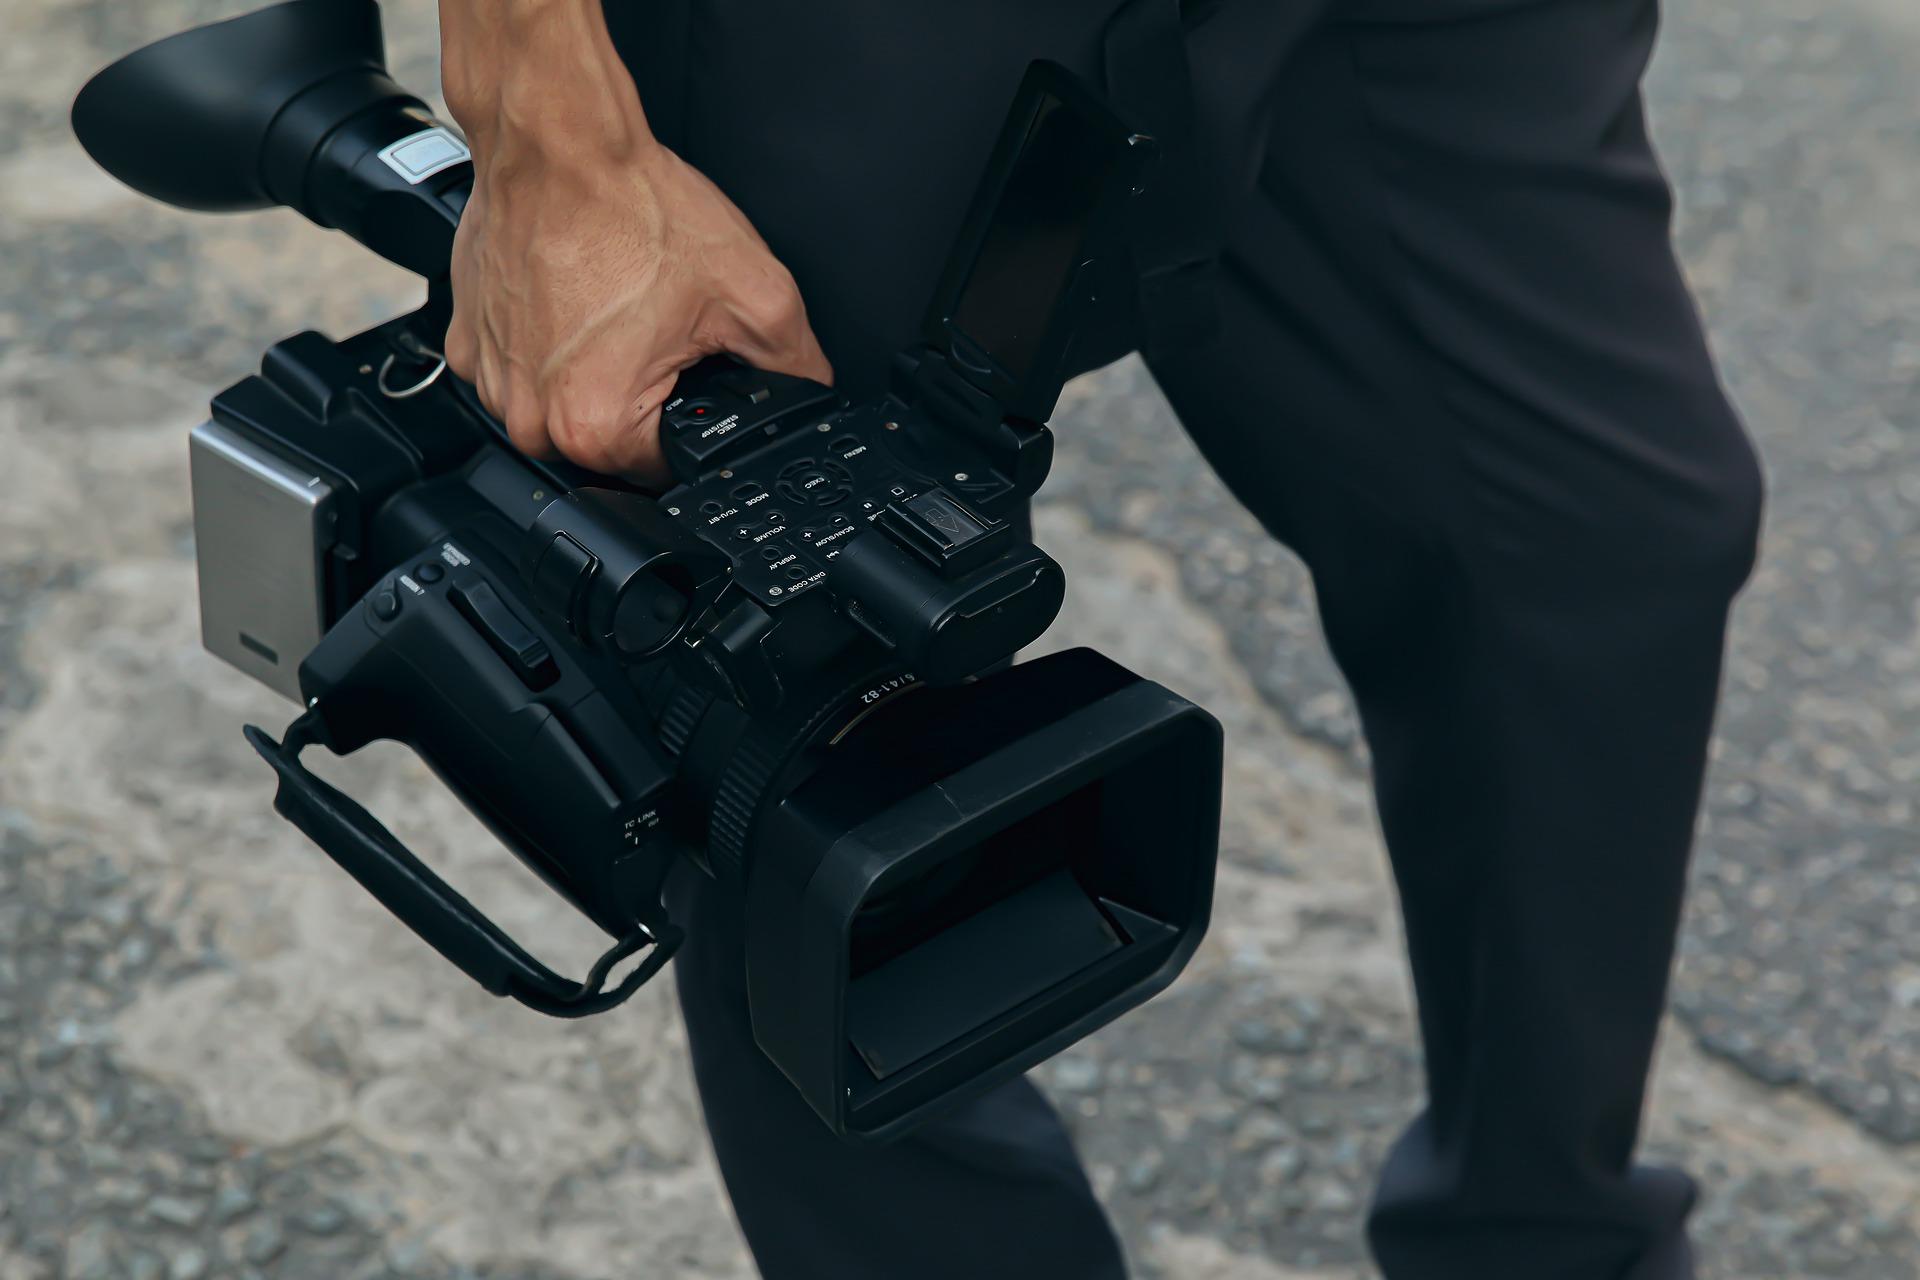 Production audiovisuelle : les clés pour réussir